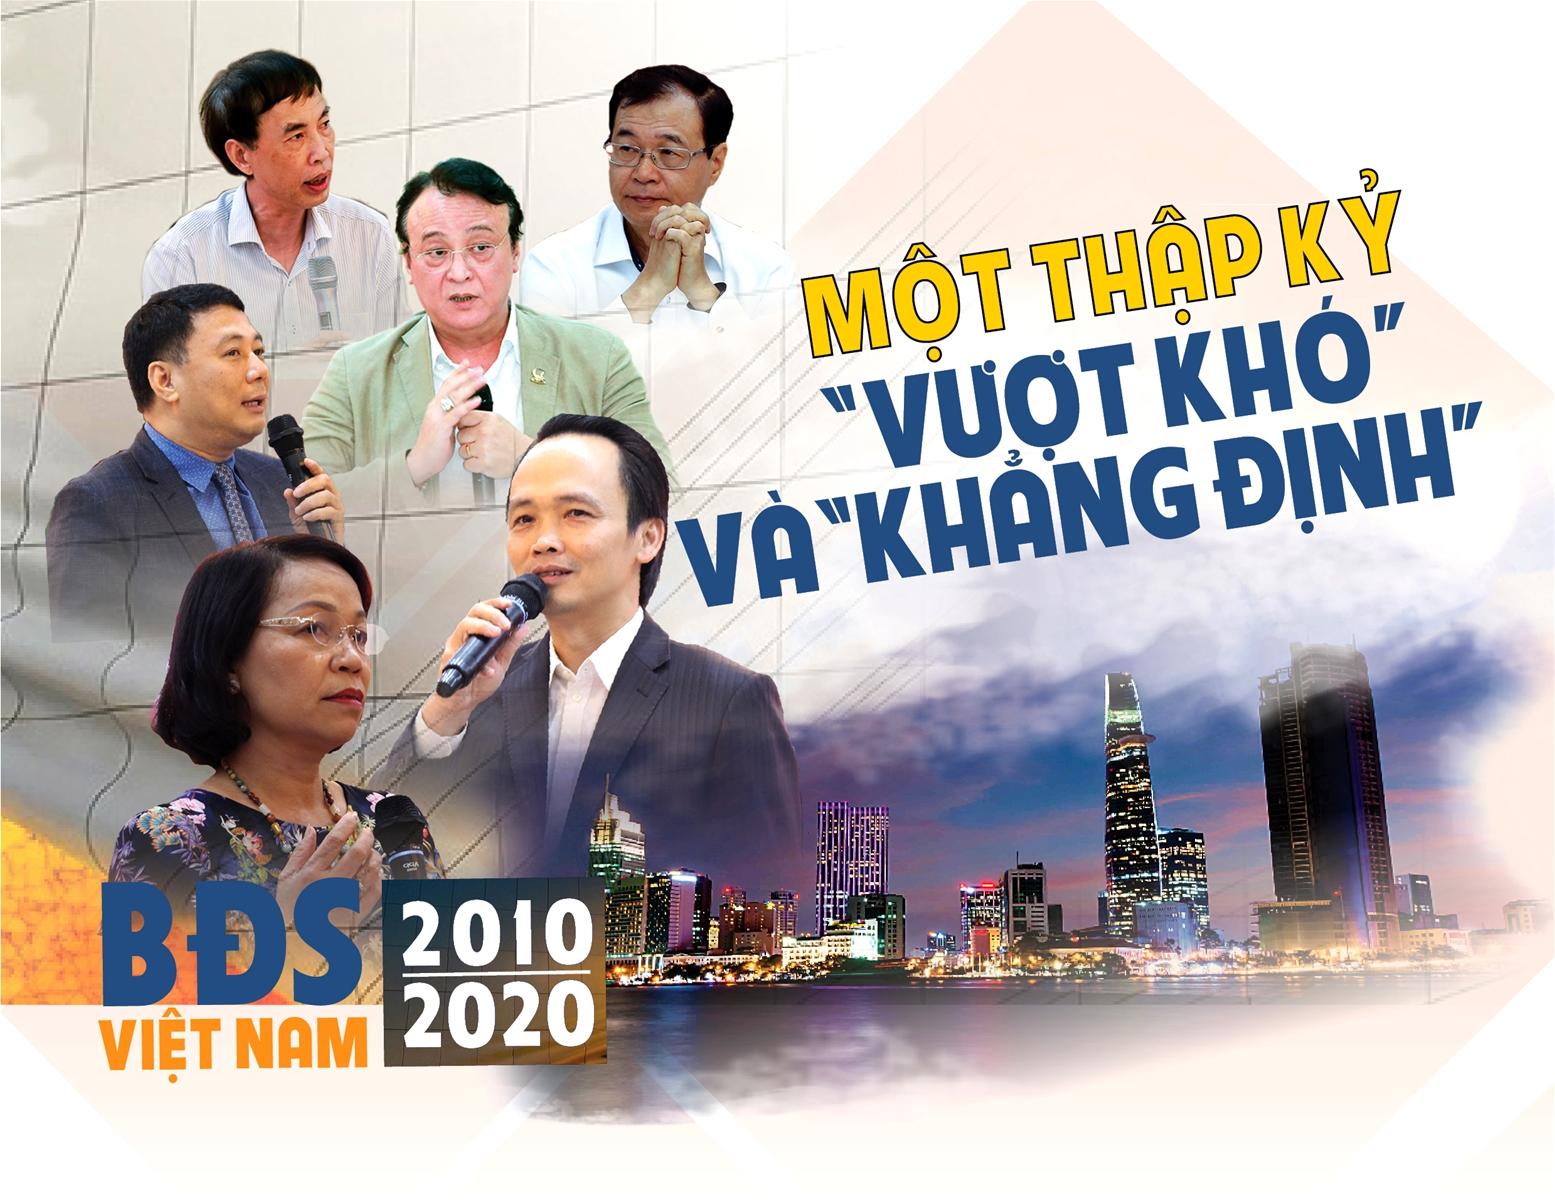 """Bất động sản Việt Nam 2010 - 2020: Một thập kỷ """"vượt khó"""" và """"khẳng định"""""""